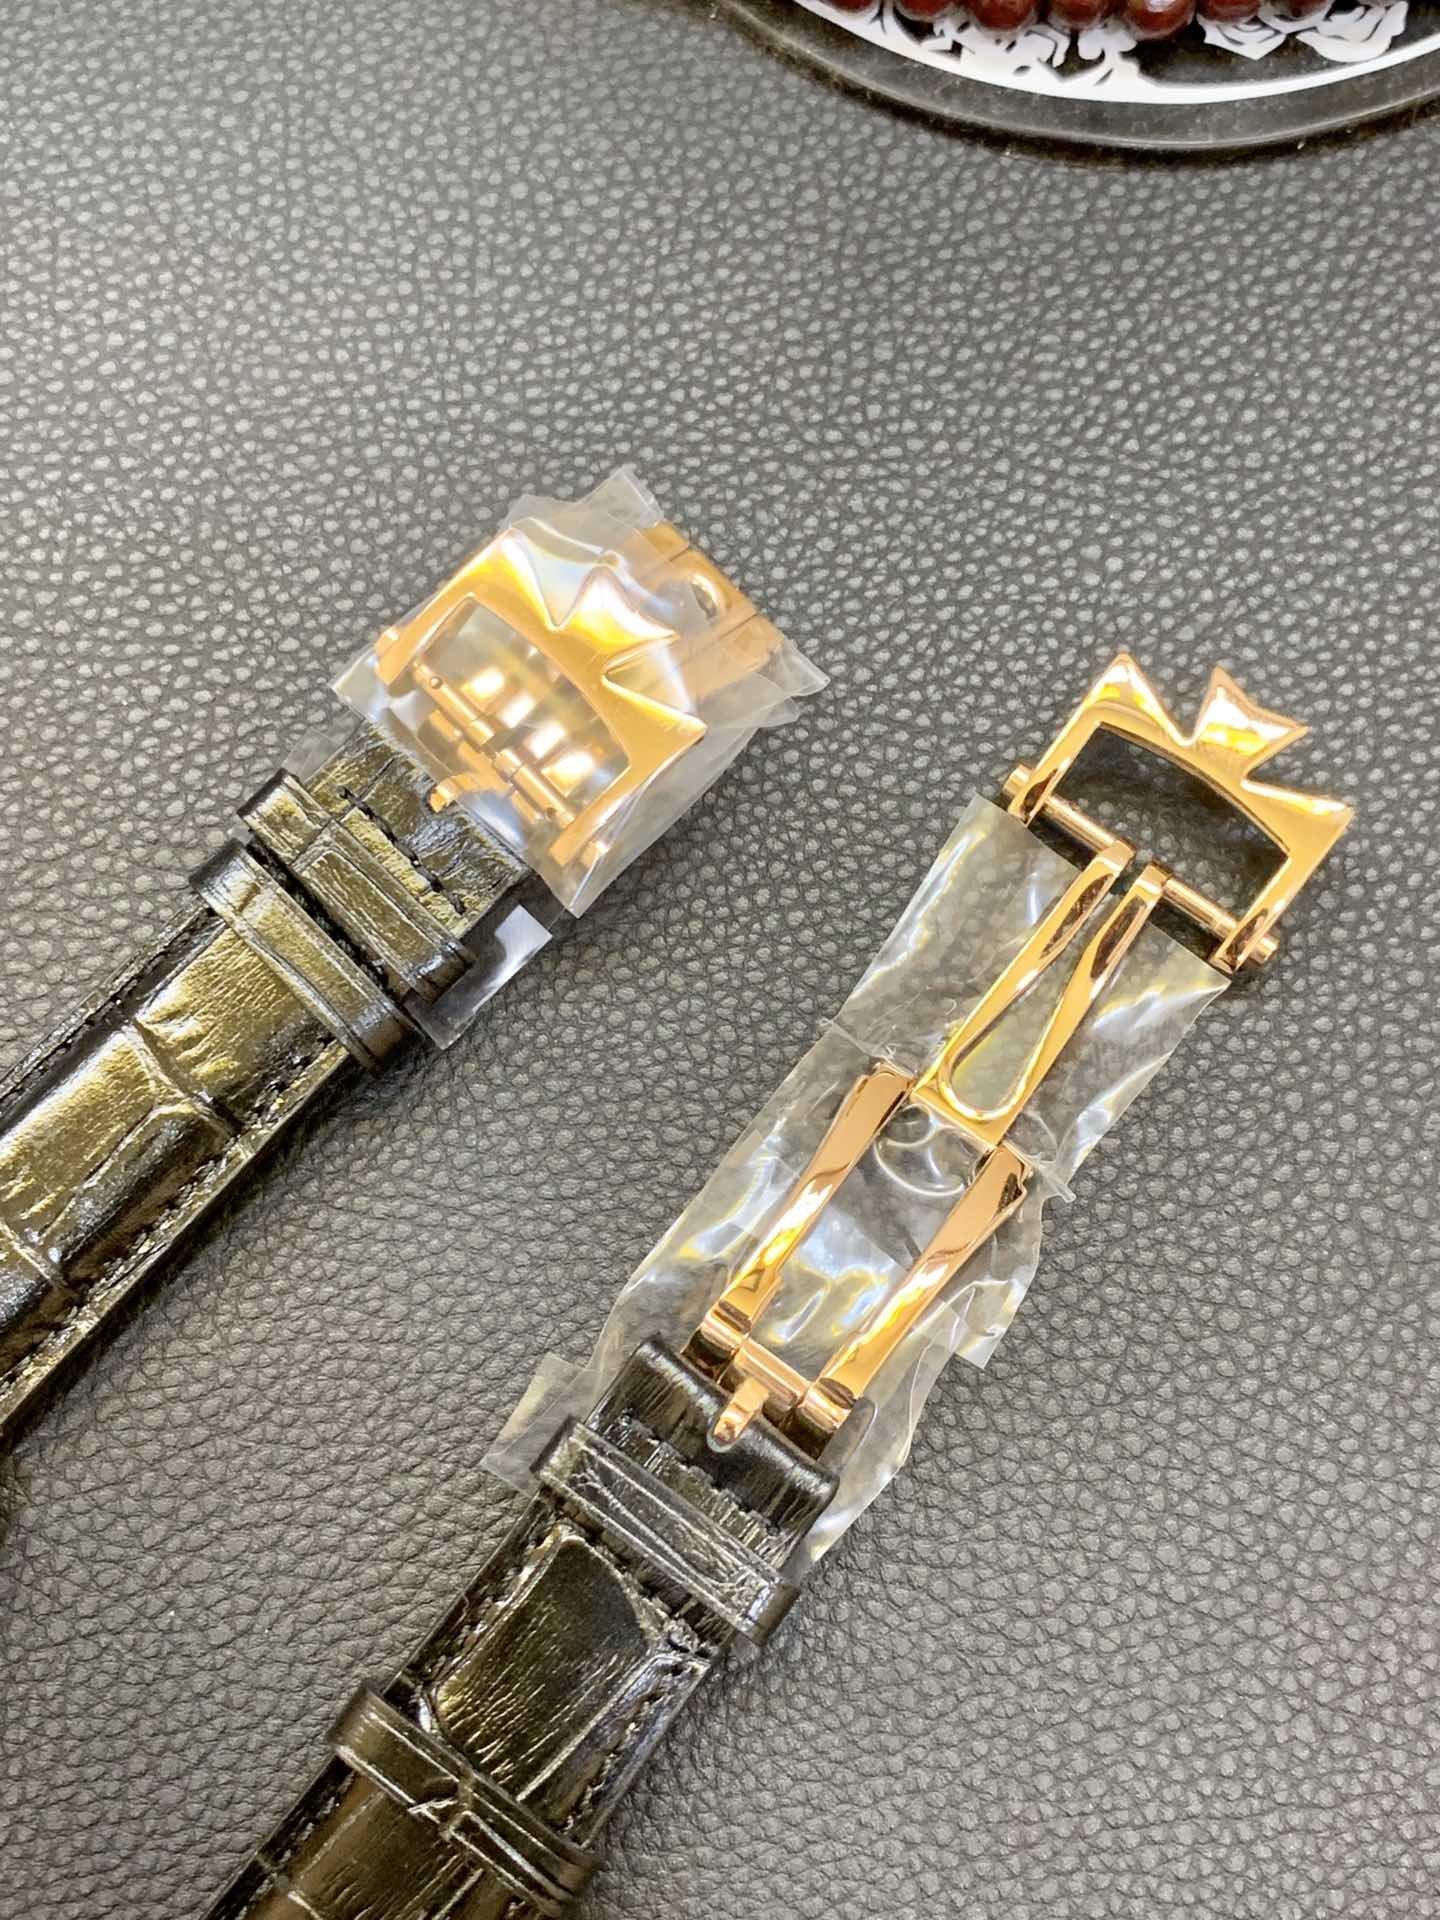 江诗丹顿陀飞轮18k金表不掉色 支持定制真金真钻